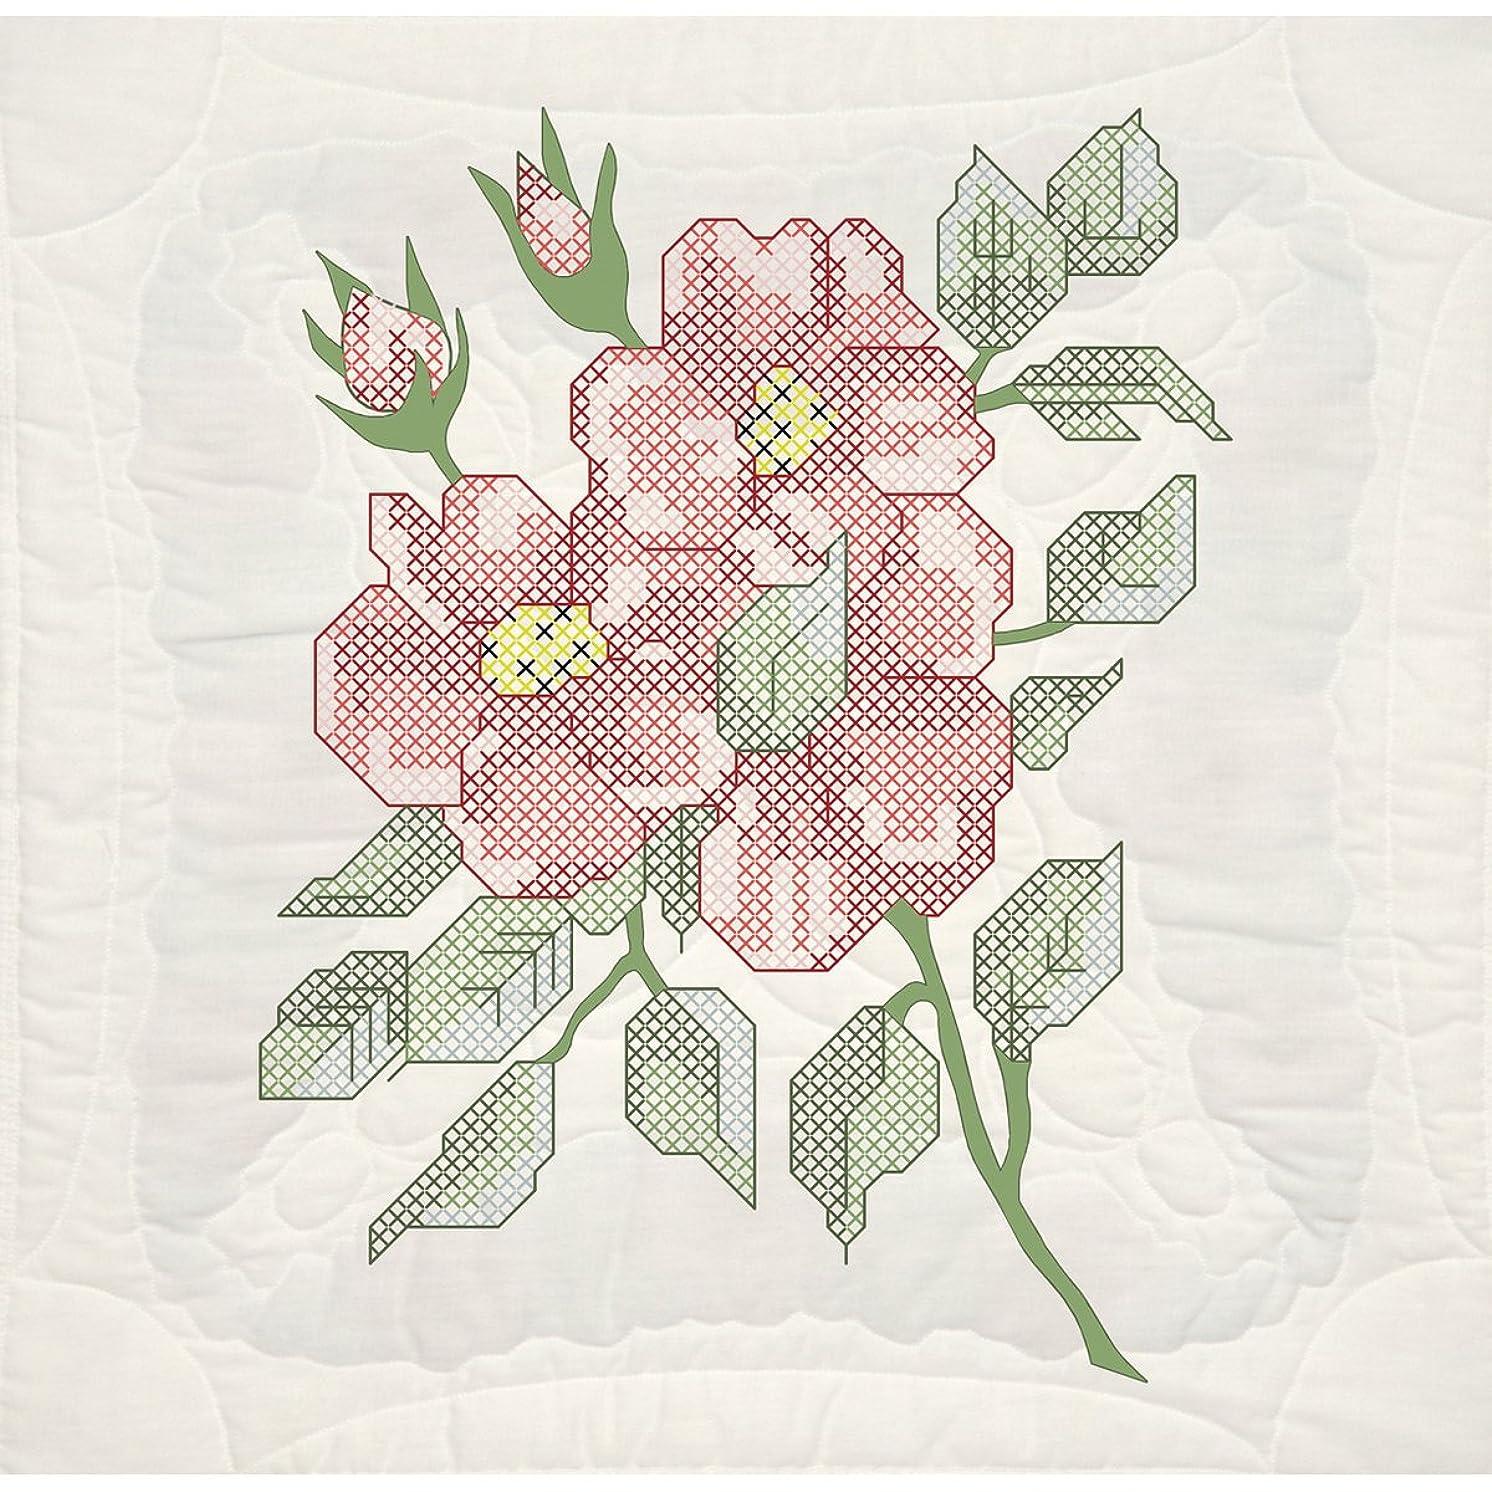 Fairway 95105 Quilt Blocks, Wild Roses Design, White, 6 Blocks Per Set